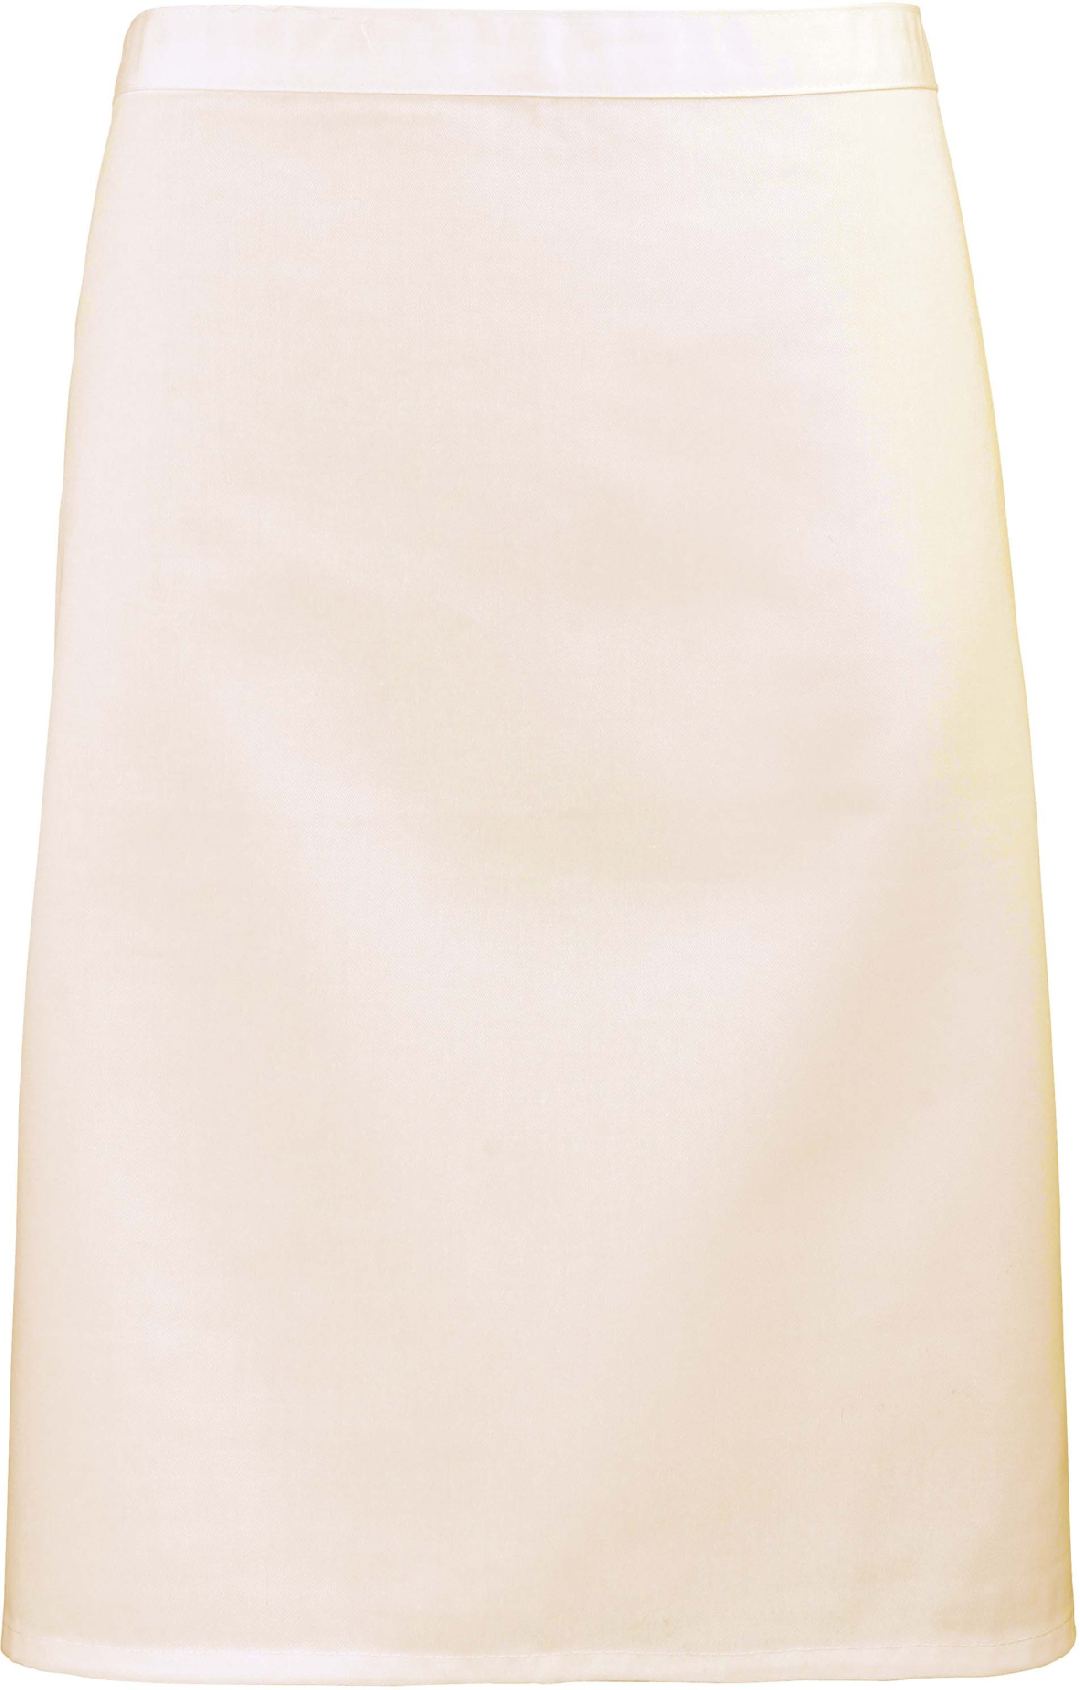 Avental Unissexo de cintura básico comprimento médio